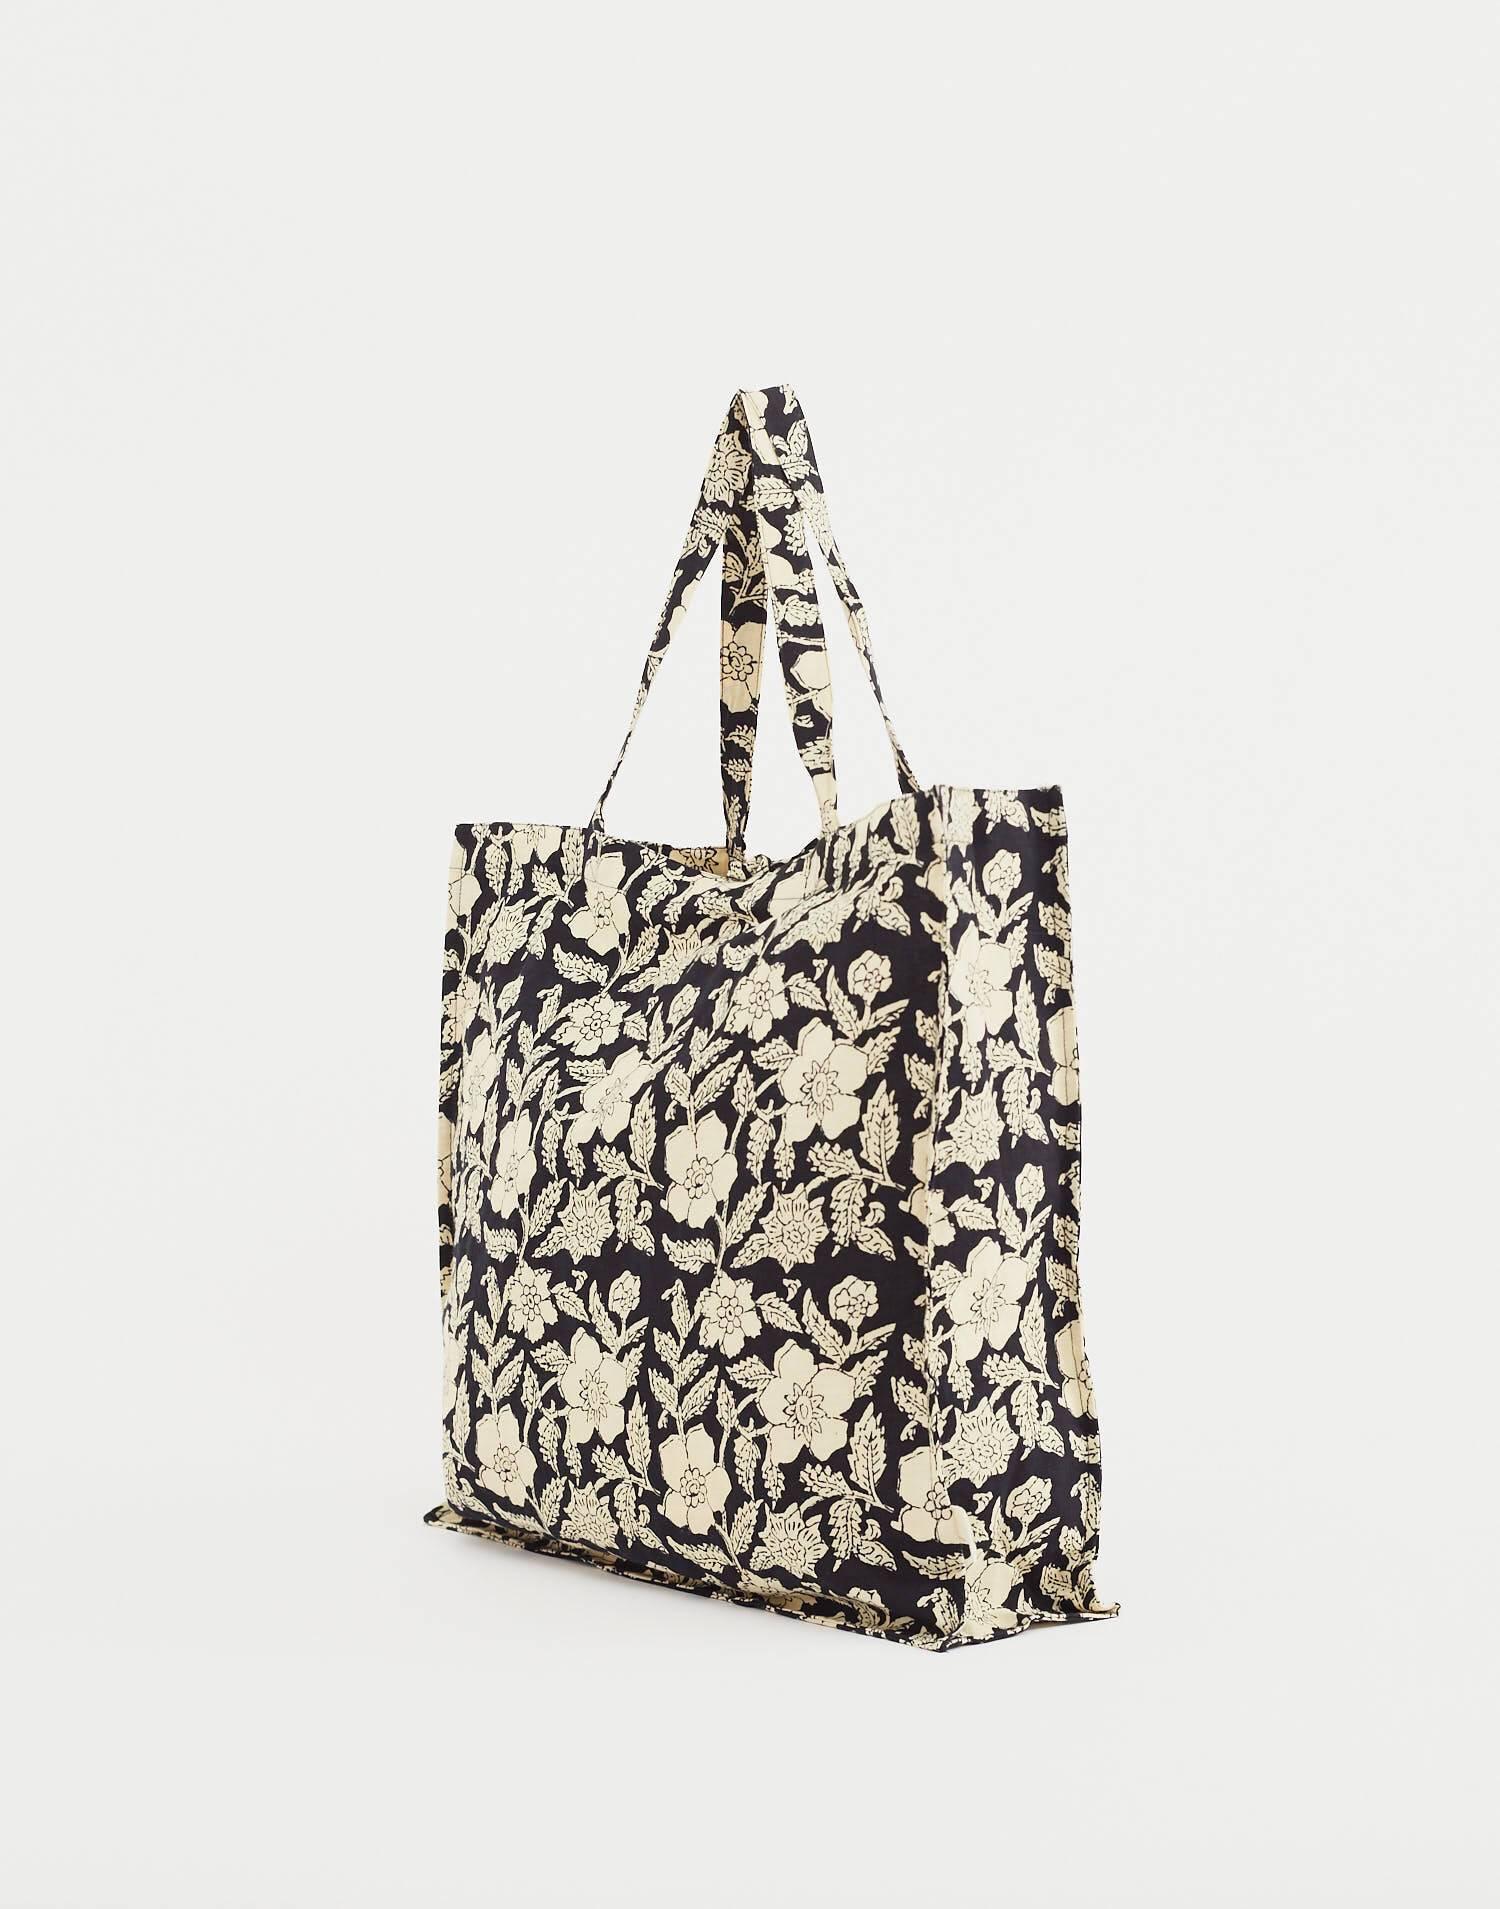 Indian shopper bag